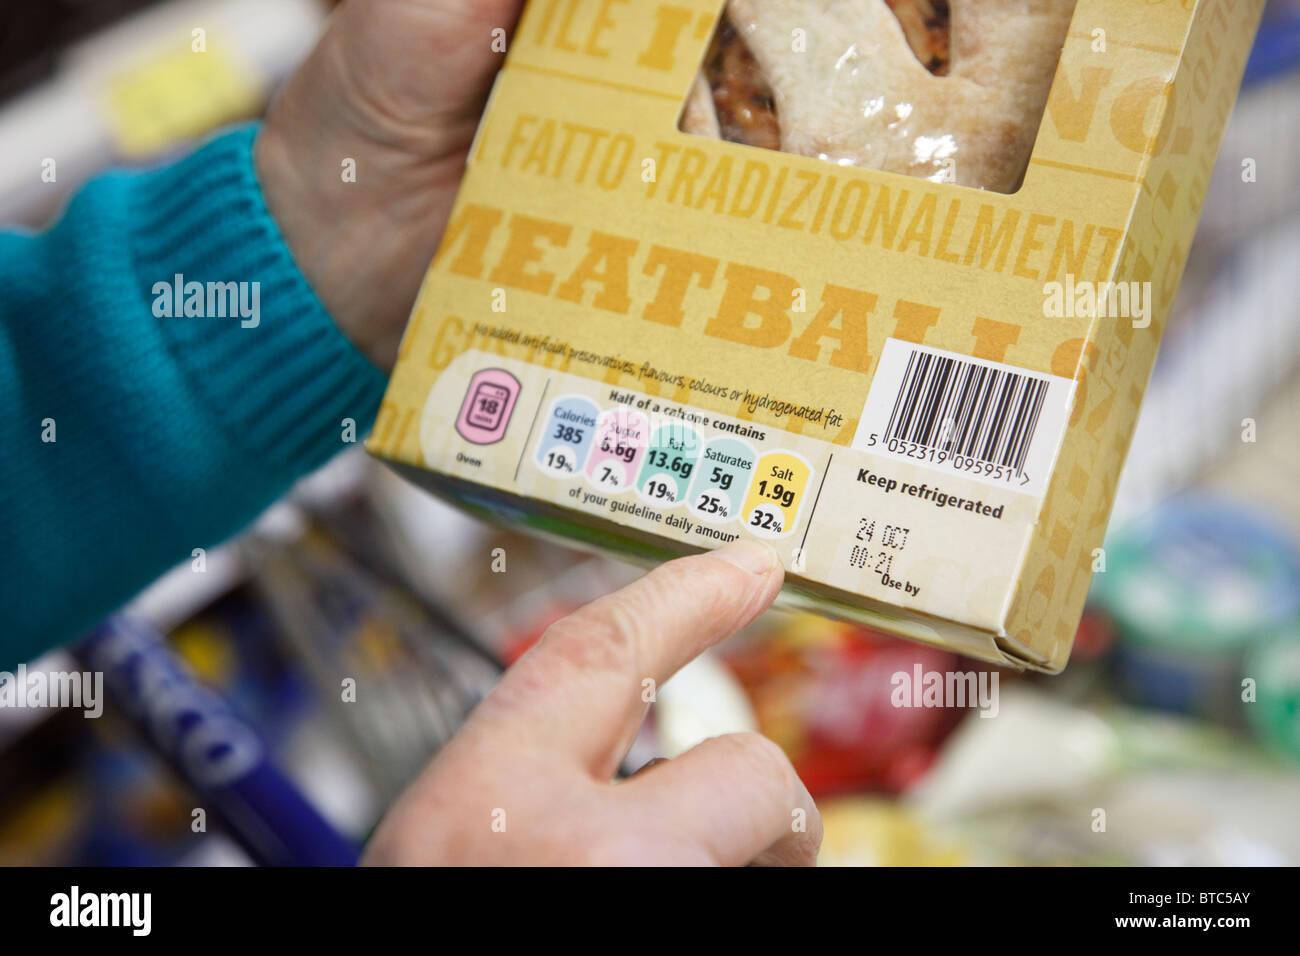 Il Regno Unito, l'Europa. Senior donna controllare le etichette alimentari per il contenuto di sale su un calzone Immagini Stock